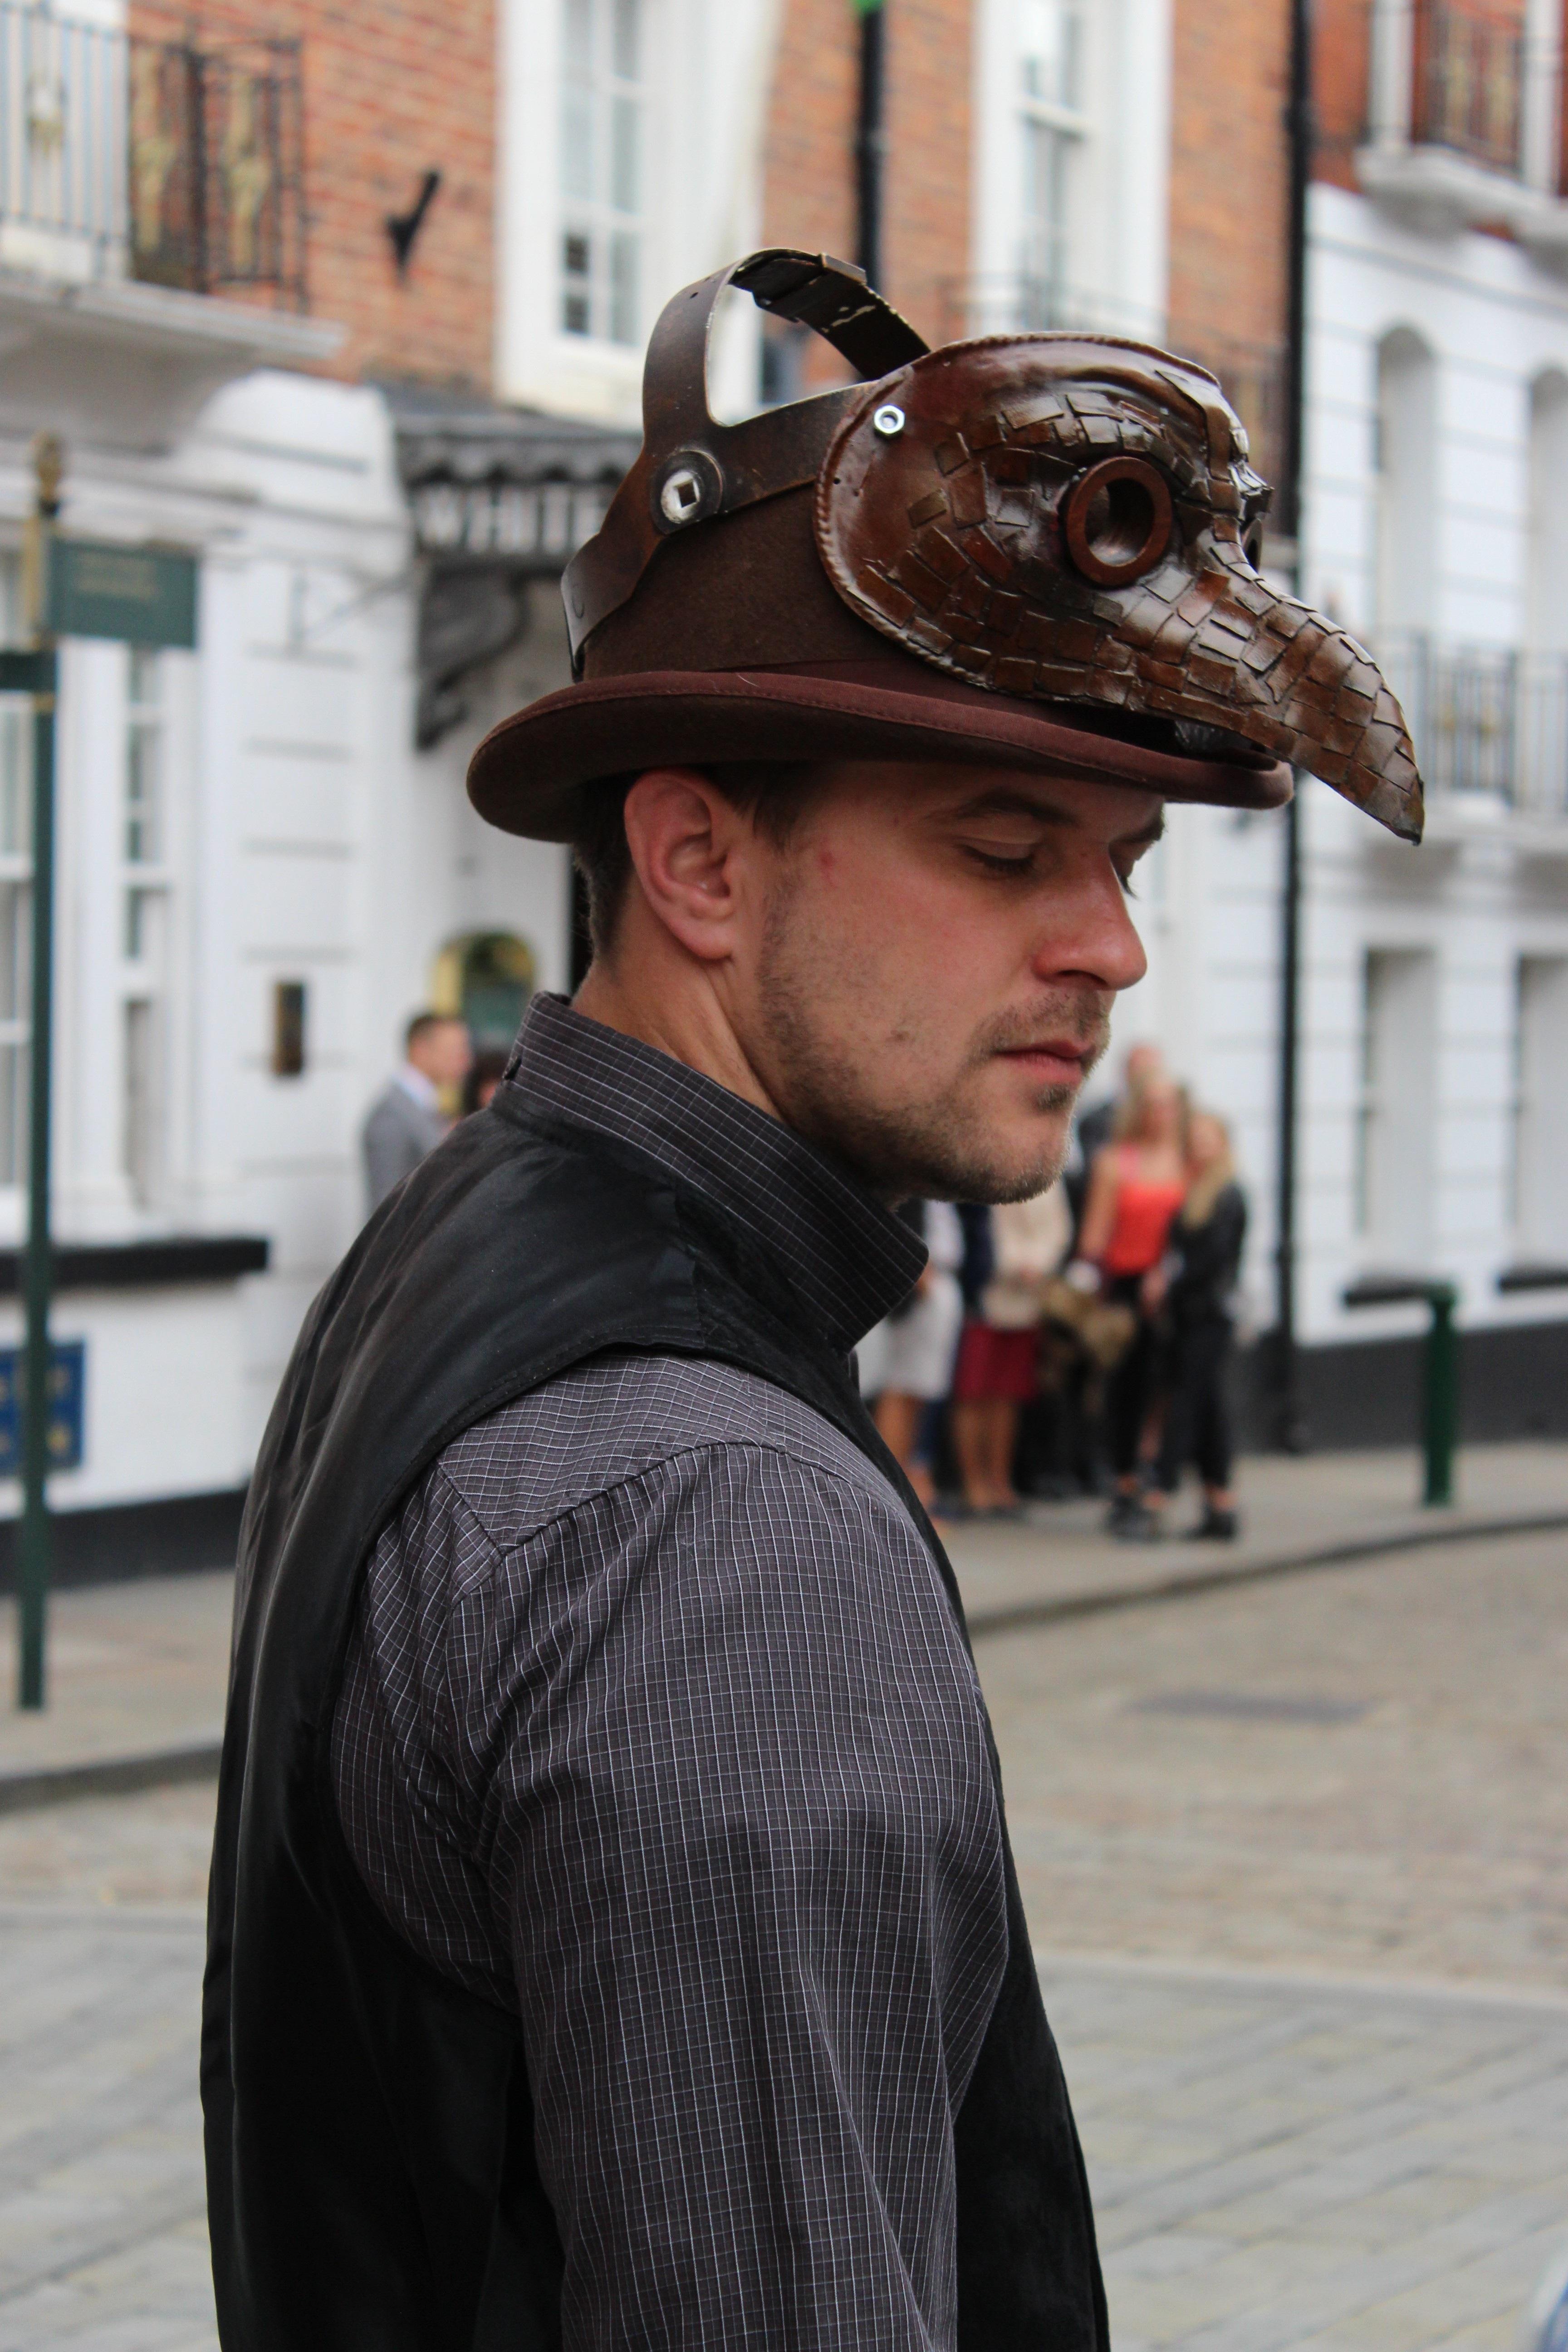 Kostenlose foto : Mann, Person, Straße, Jahrgang, Dampf, männlich ...